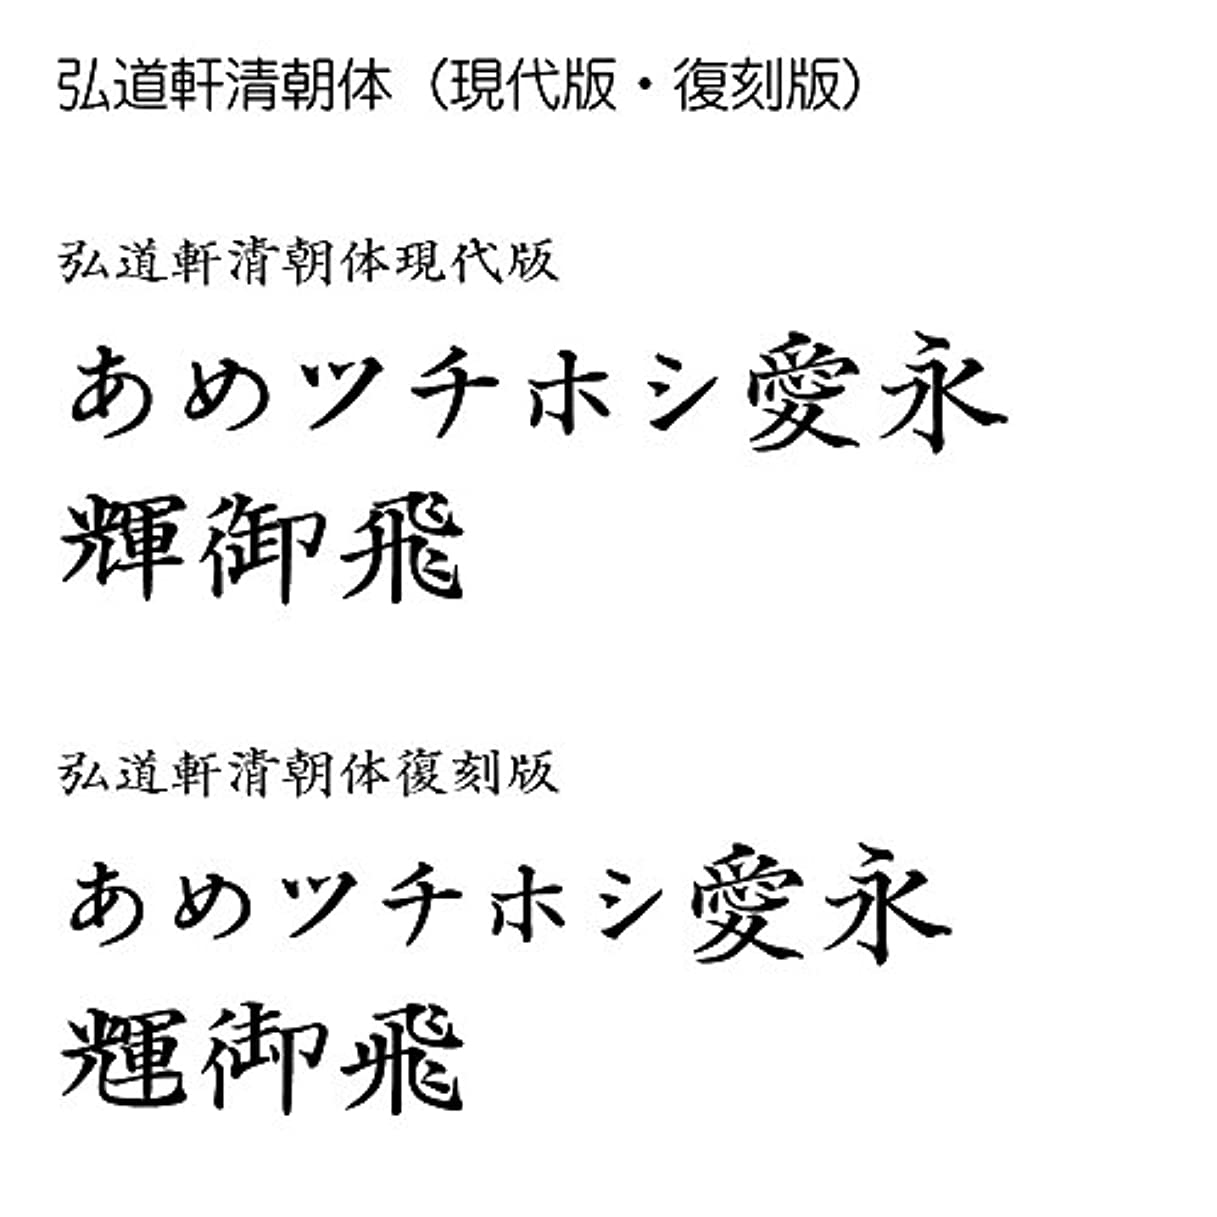 弘道軒清朝体(現代版?復刻版) TrueType Font for Windows [ダウンロード]